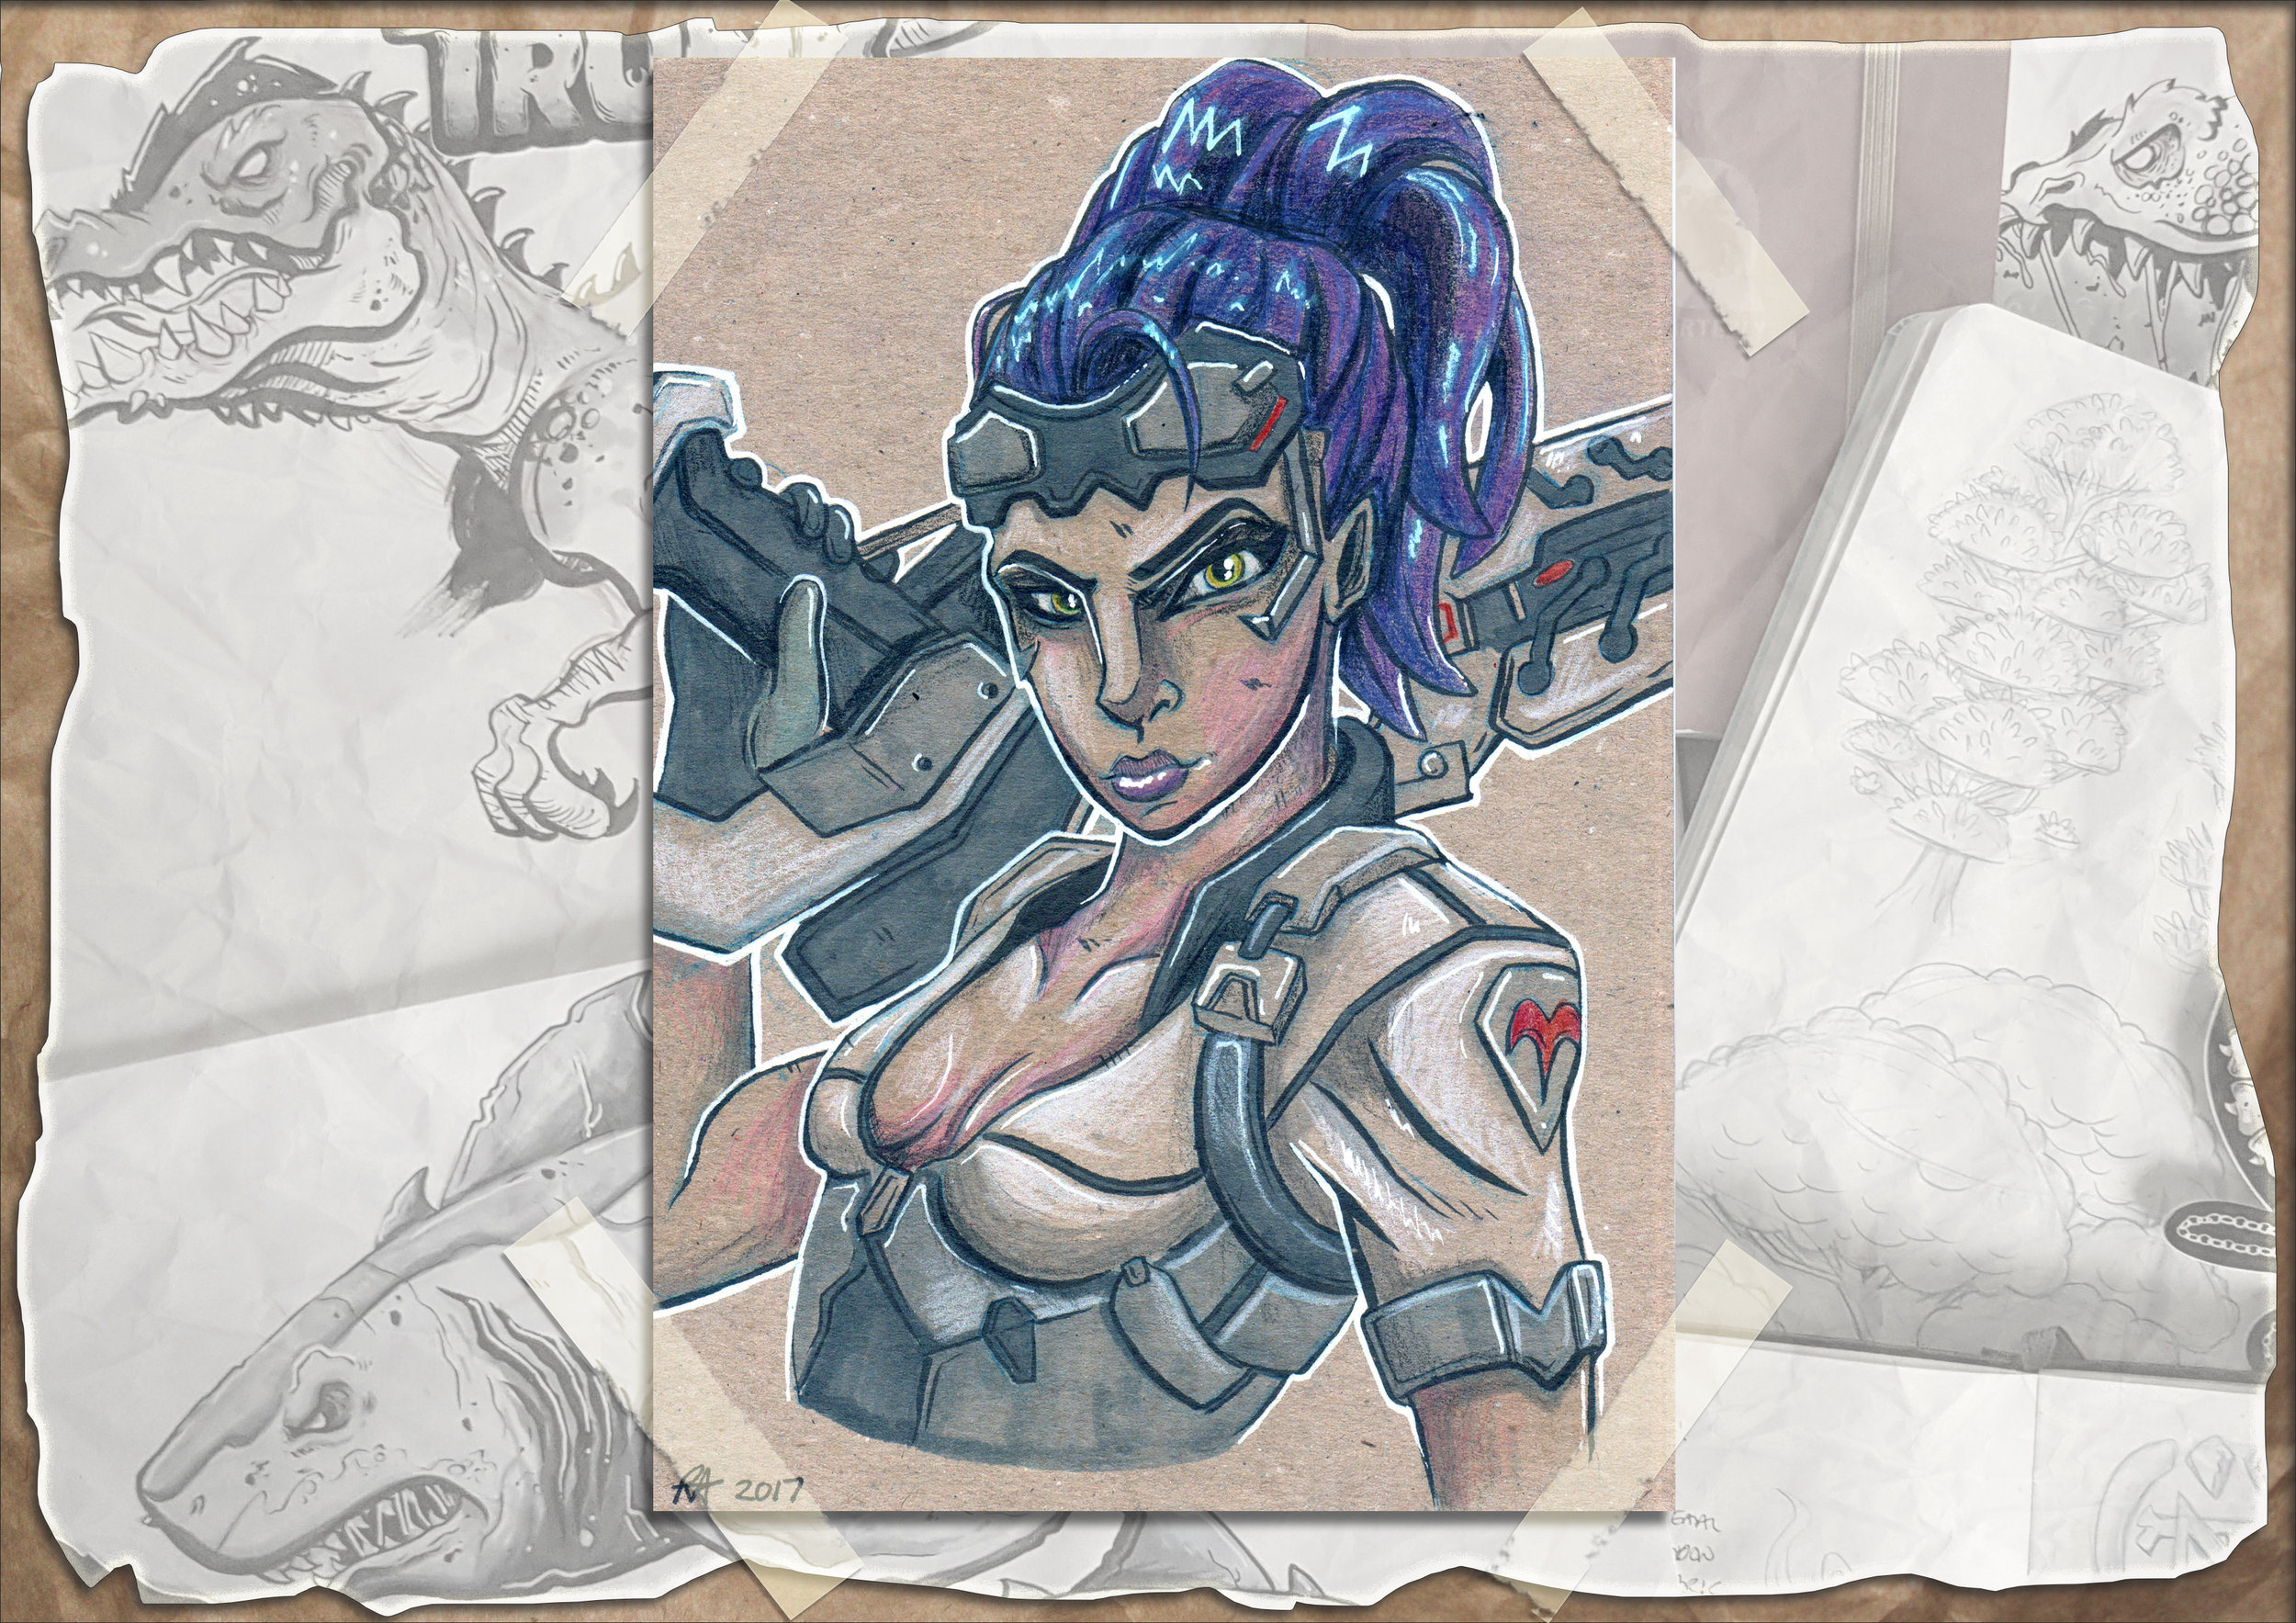 widowmaker_card_sketch.jpg